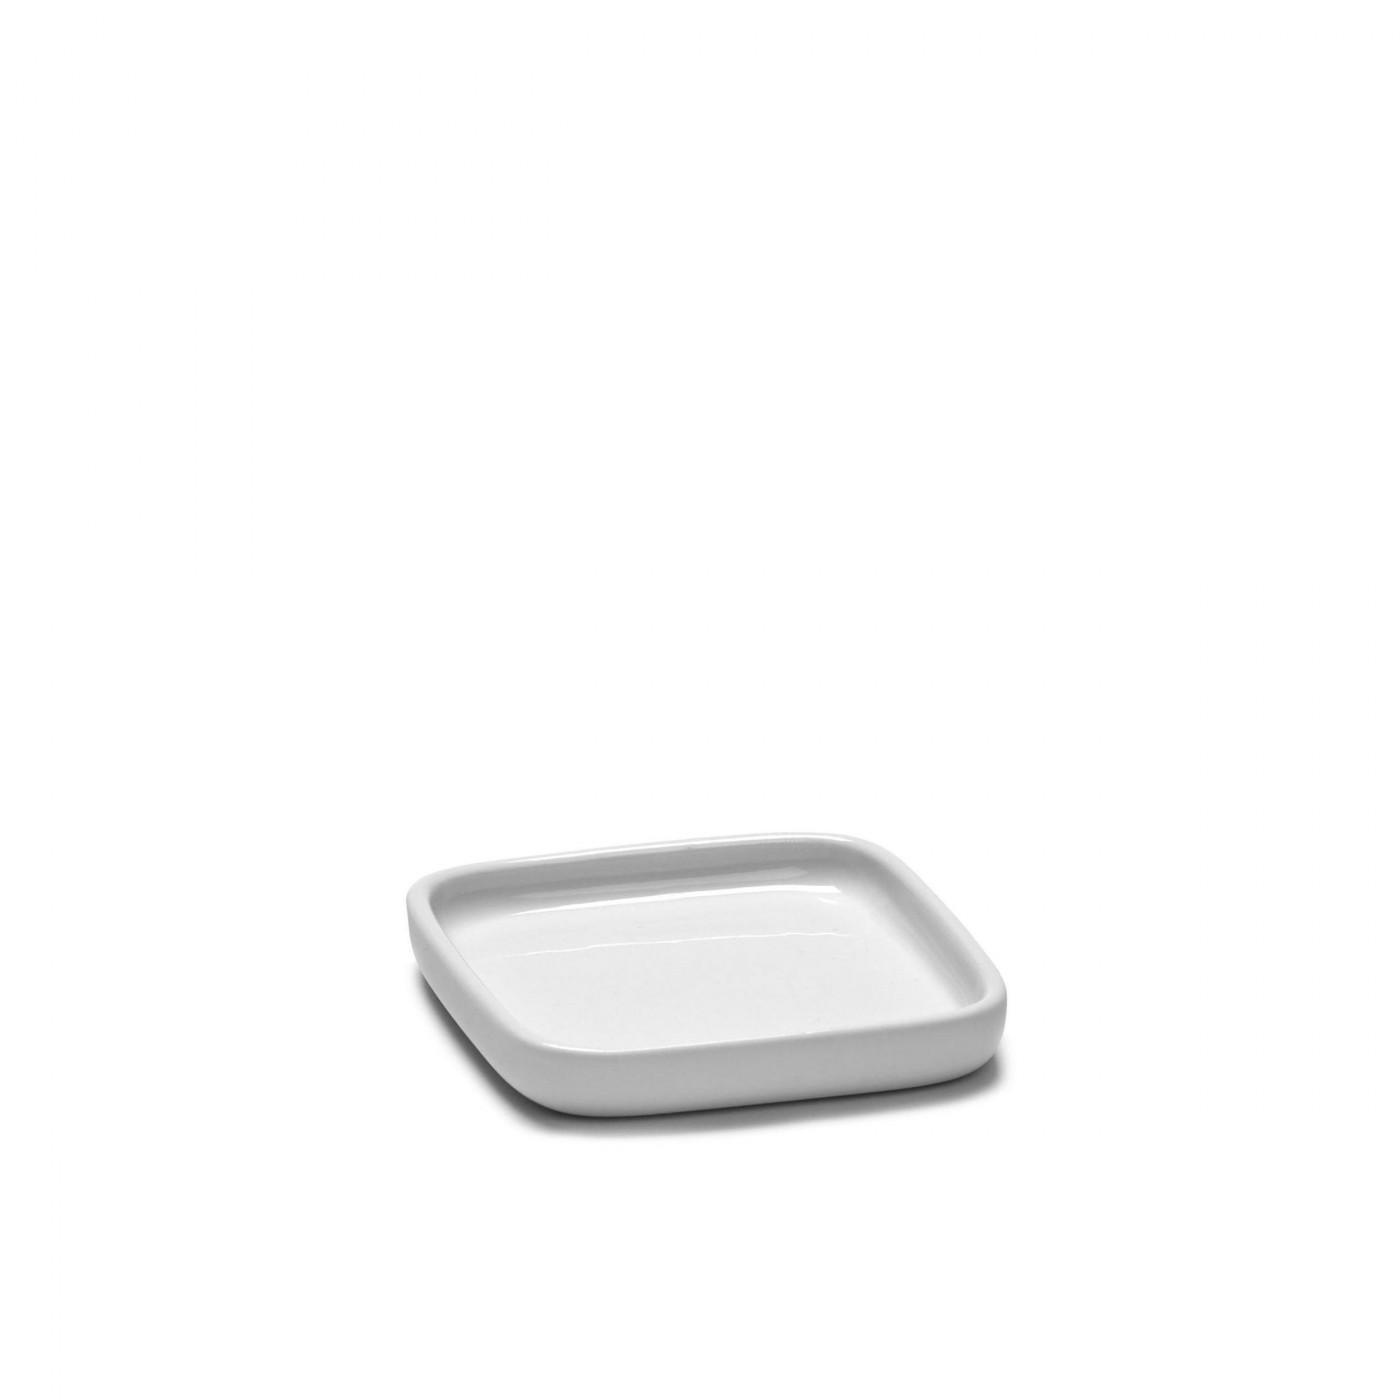 Assiette carrée en porcelaine blanche 8x8cm